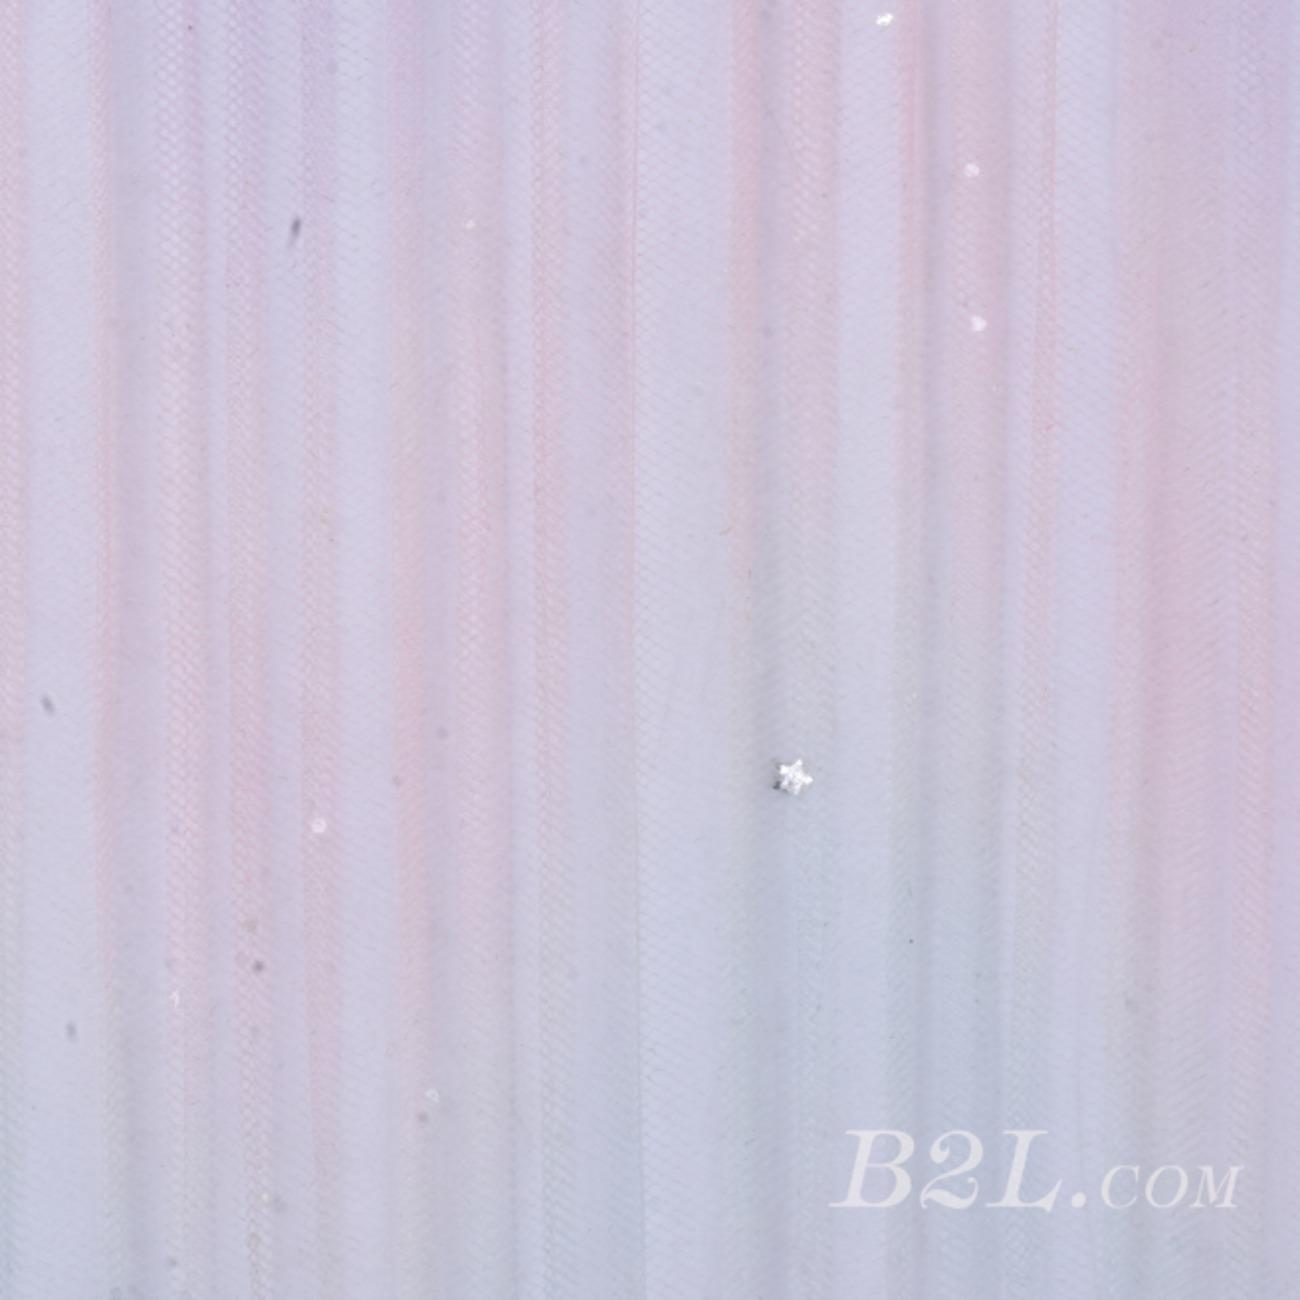 网布 压皱 渐变 亮片 弹力 春夏 裙子 礼服 时装 90831-12